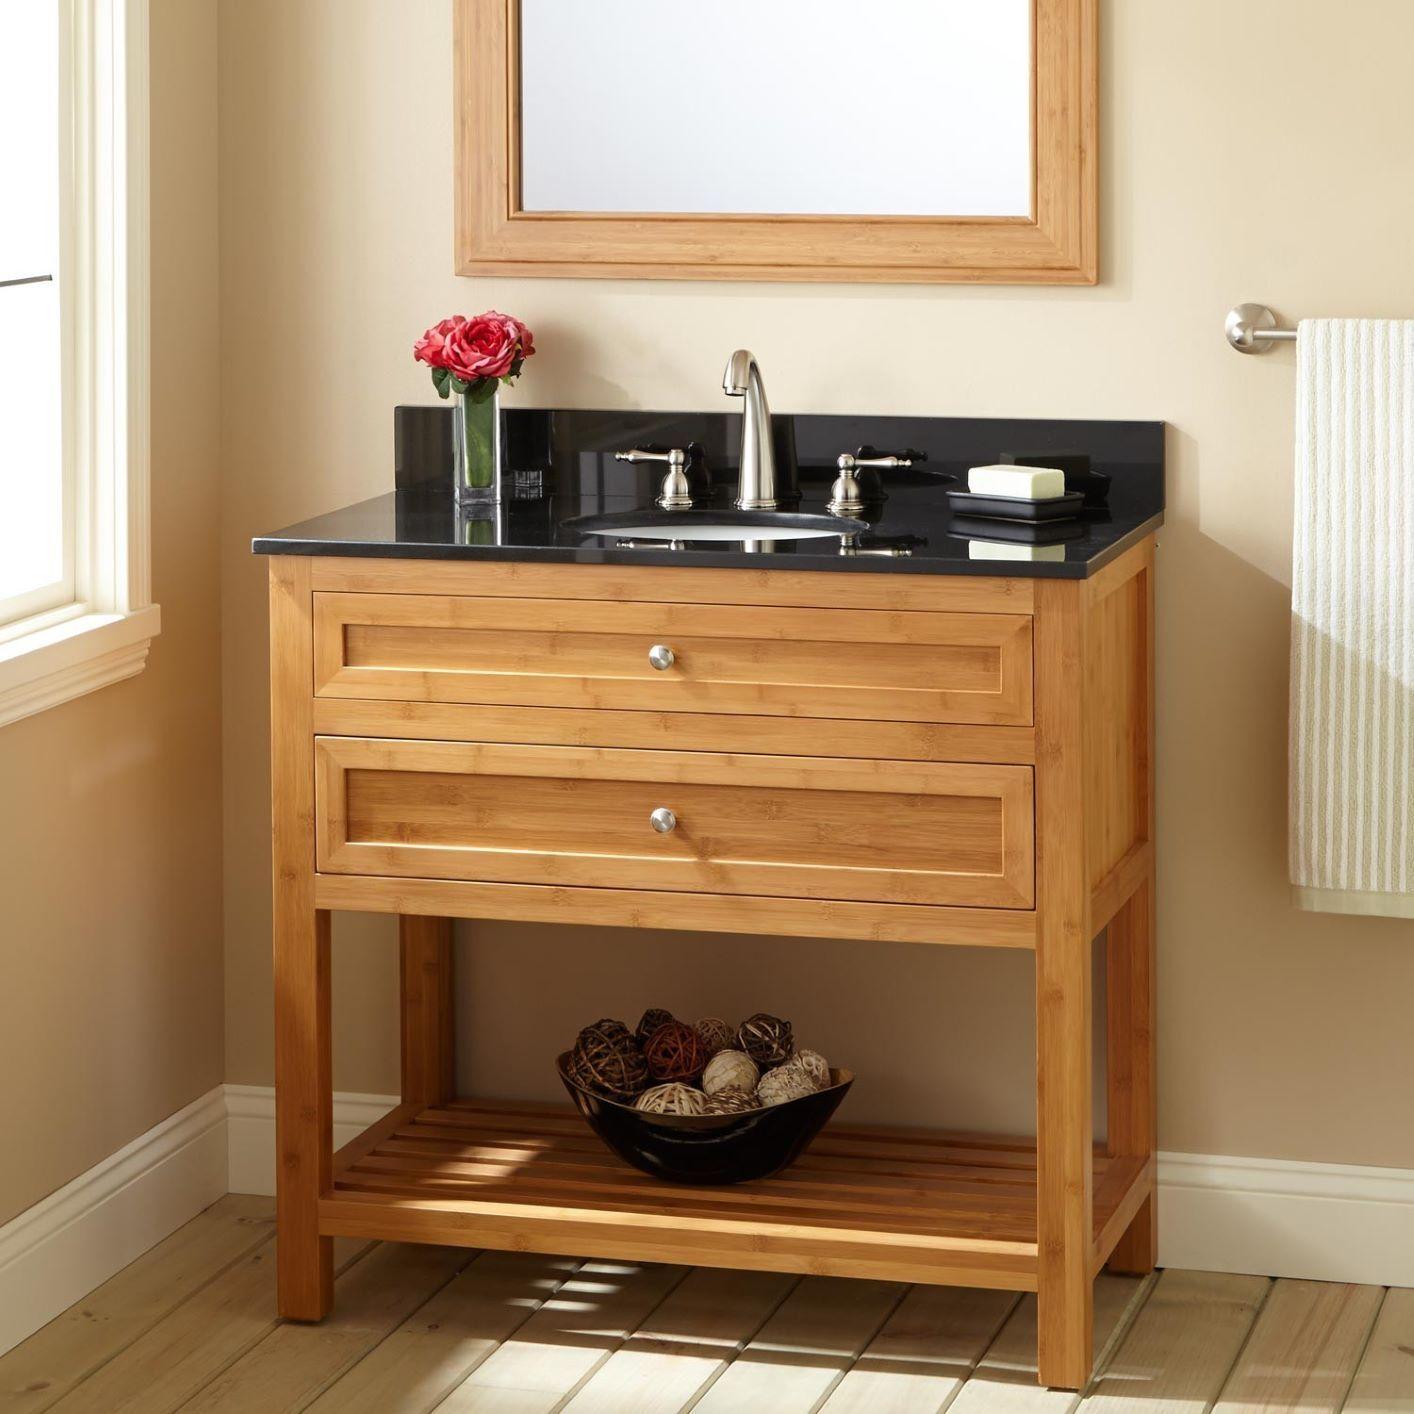 Bamboo Oak Bathroom Vanity Modern Bathroom Vanity Bathroom Vanity [ 1414 x 1414 Pixel ]